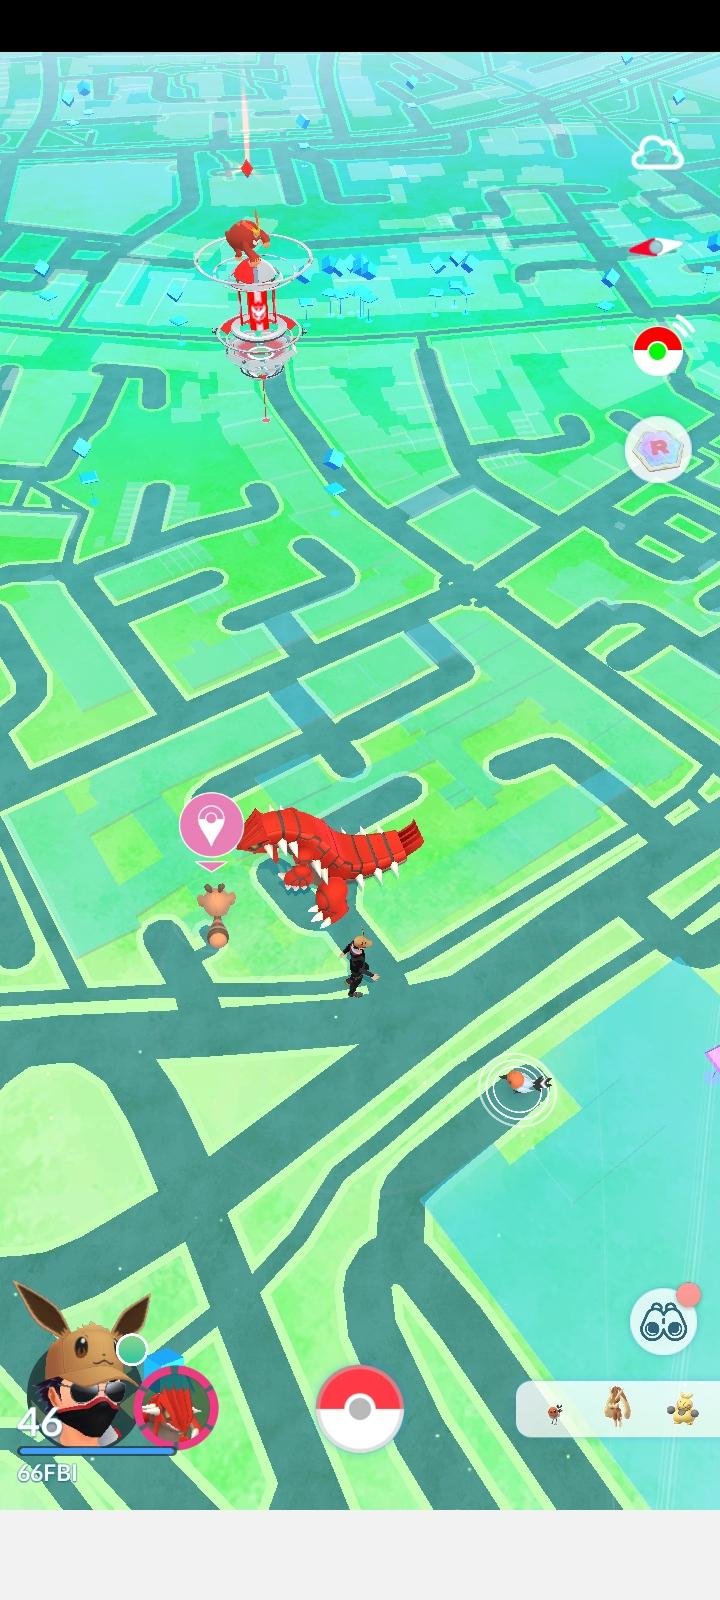 Pokemon_GO_2021-02-28-15-14-48.jpg